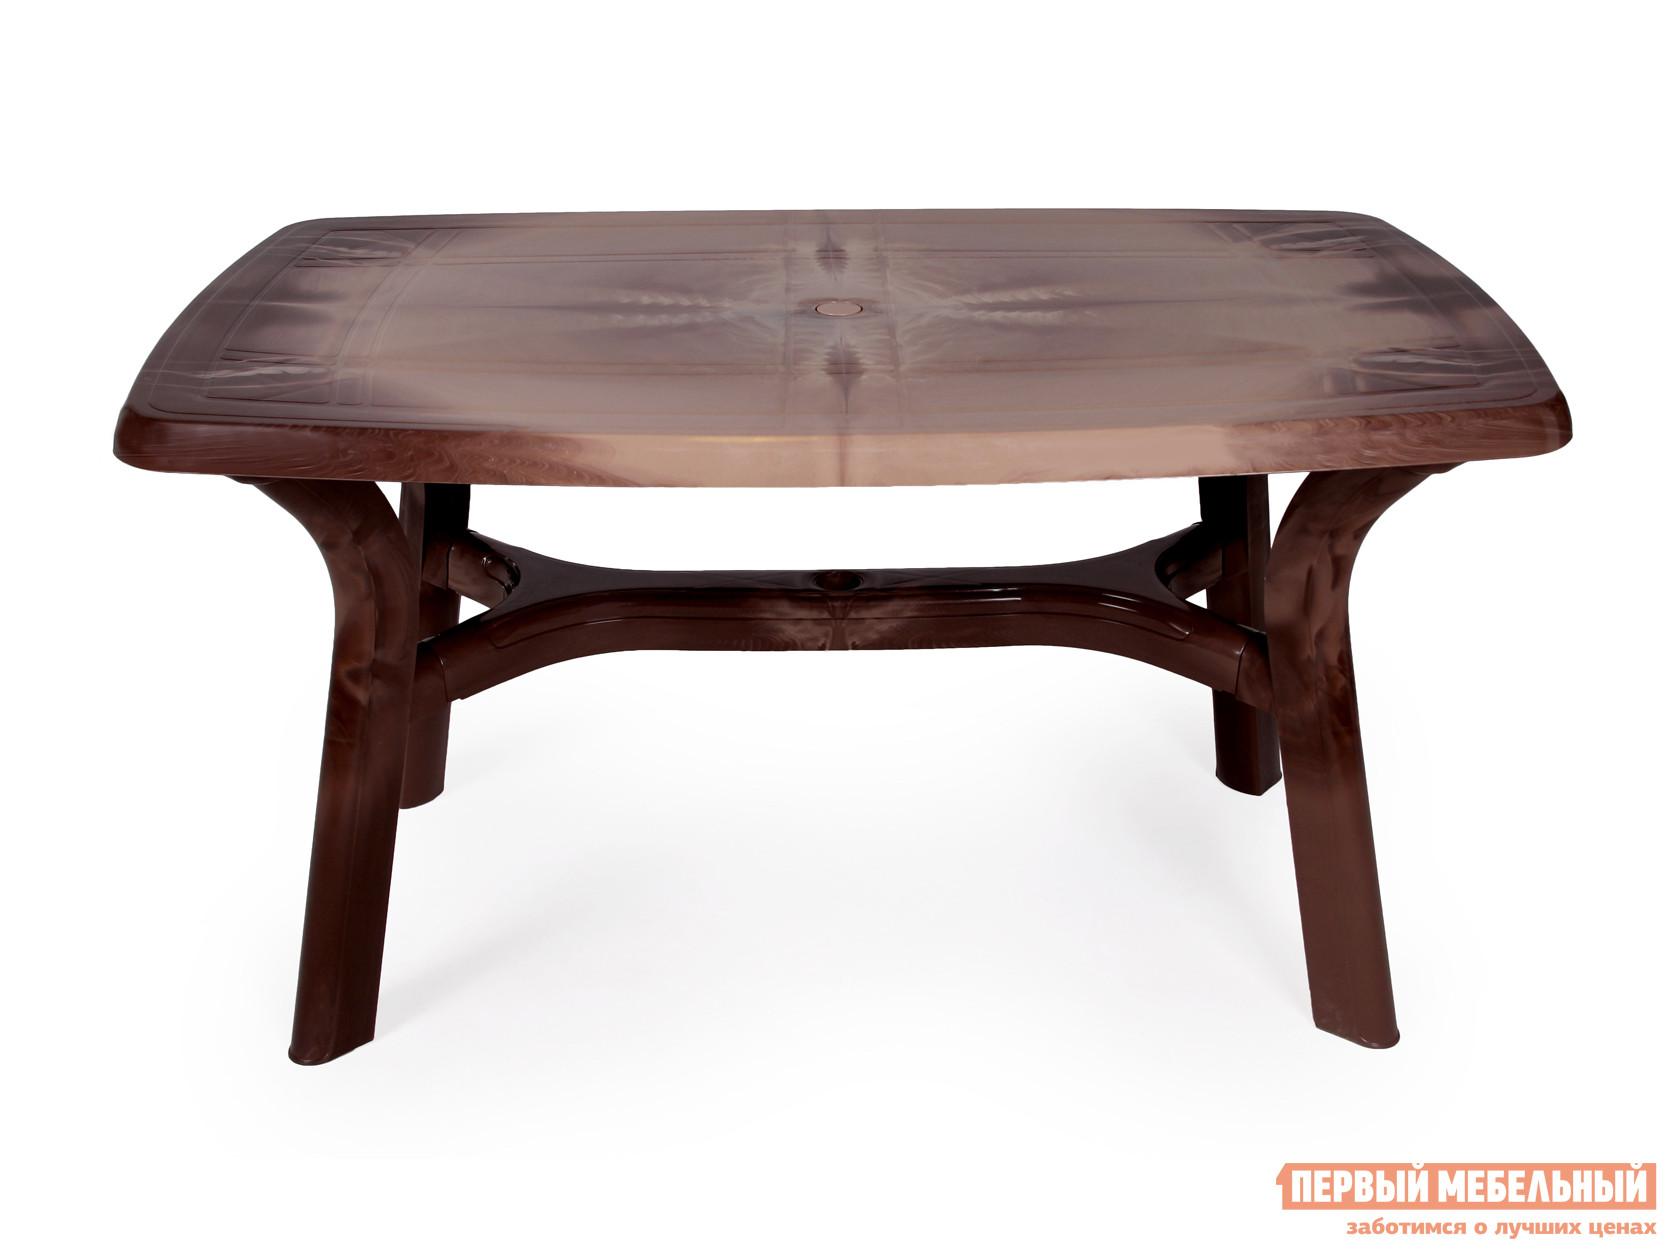 Пластиковый стол Стандарт Пластик Групп Стол прямоугольный «Премиум» ЛЕССИР 1400x850x728 мм подоконник пластиковый стандарт 300х3000 мм белый